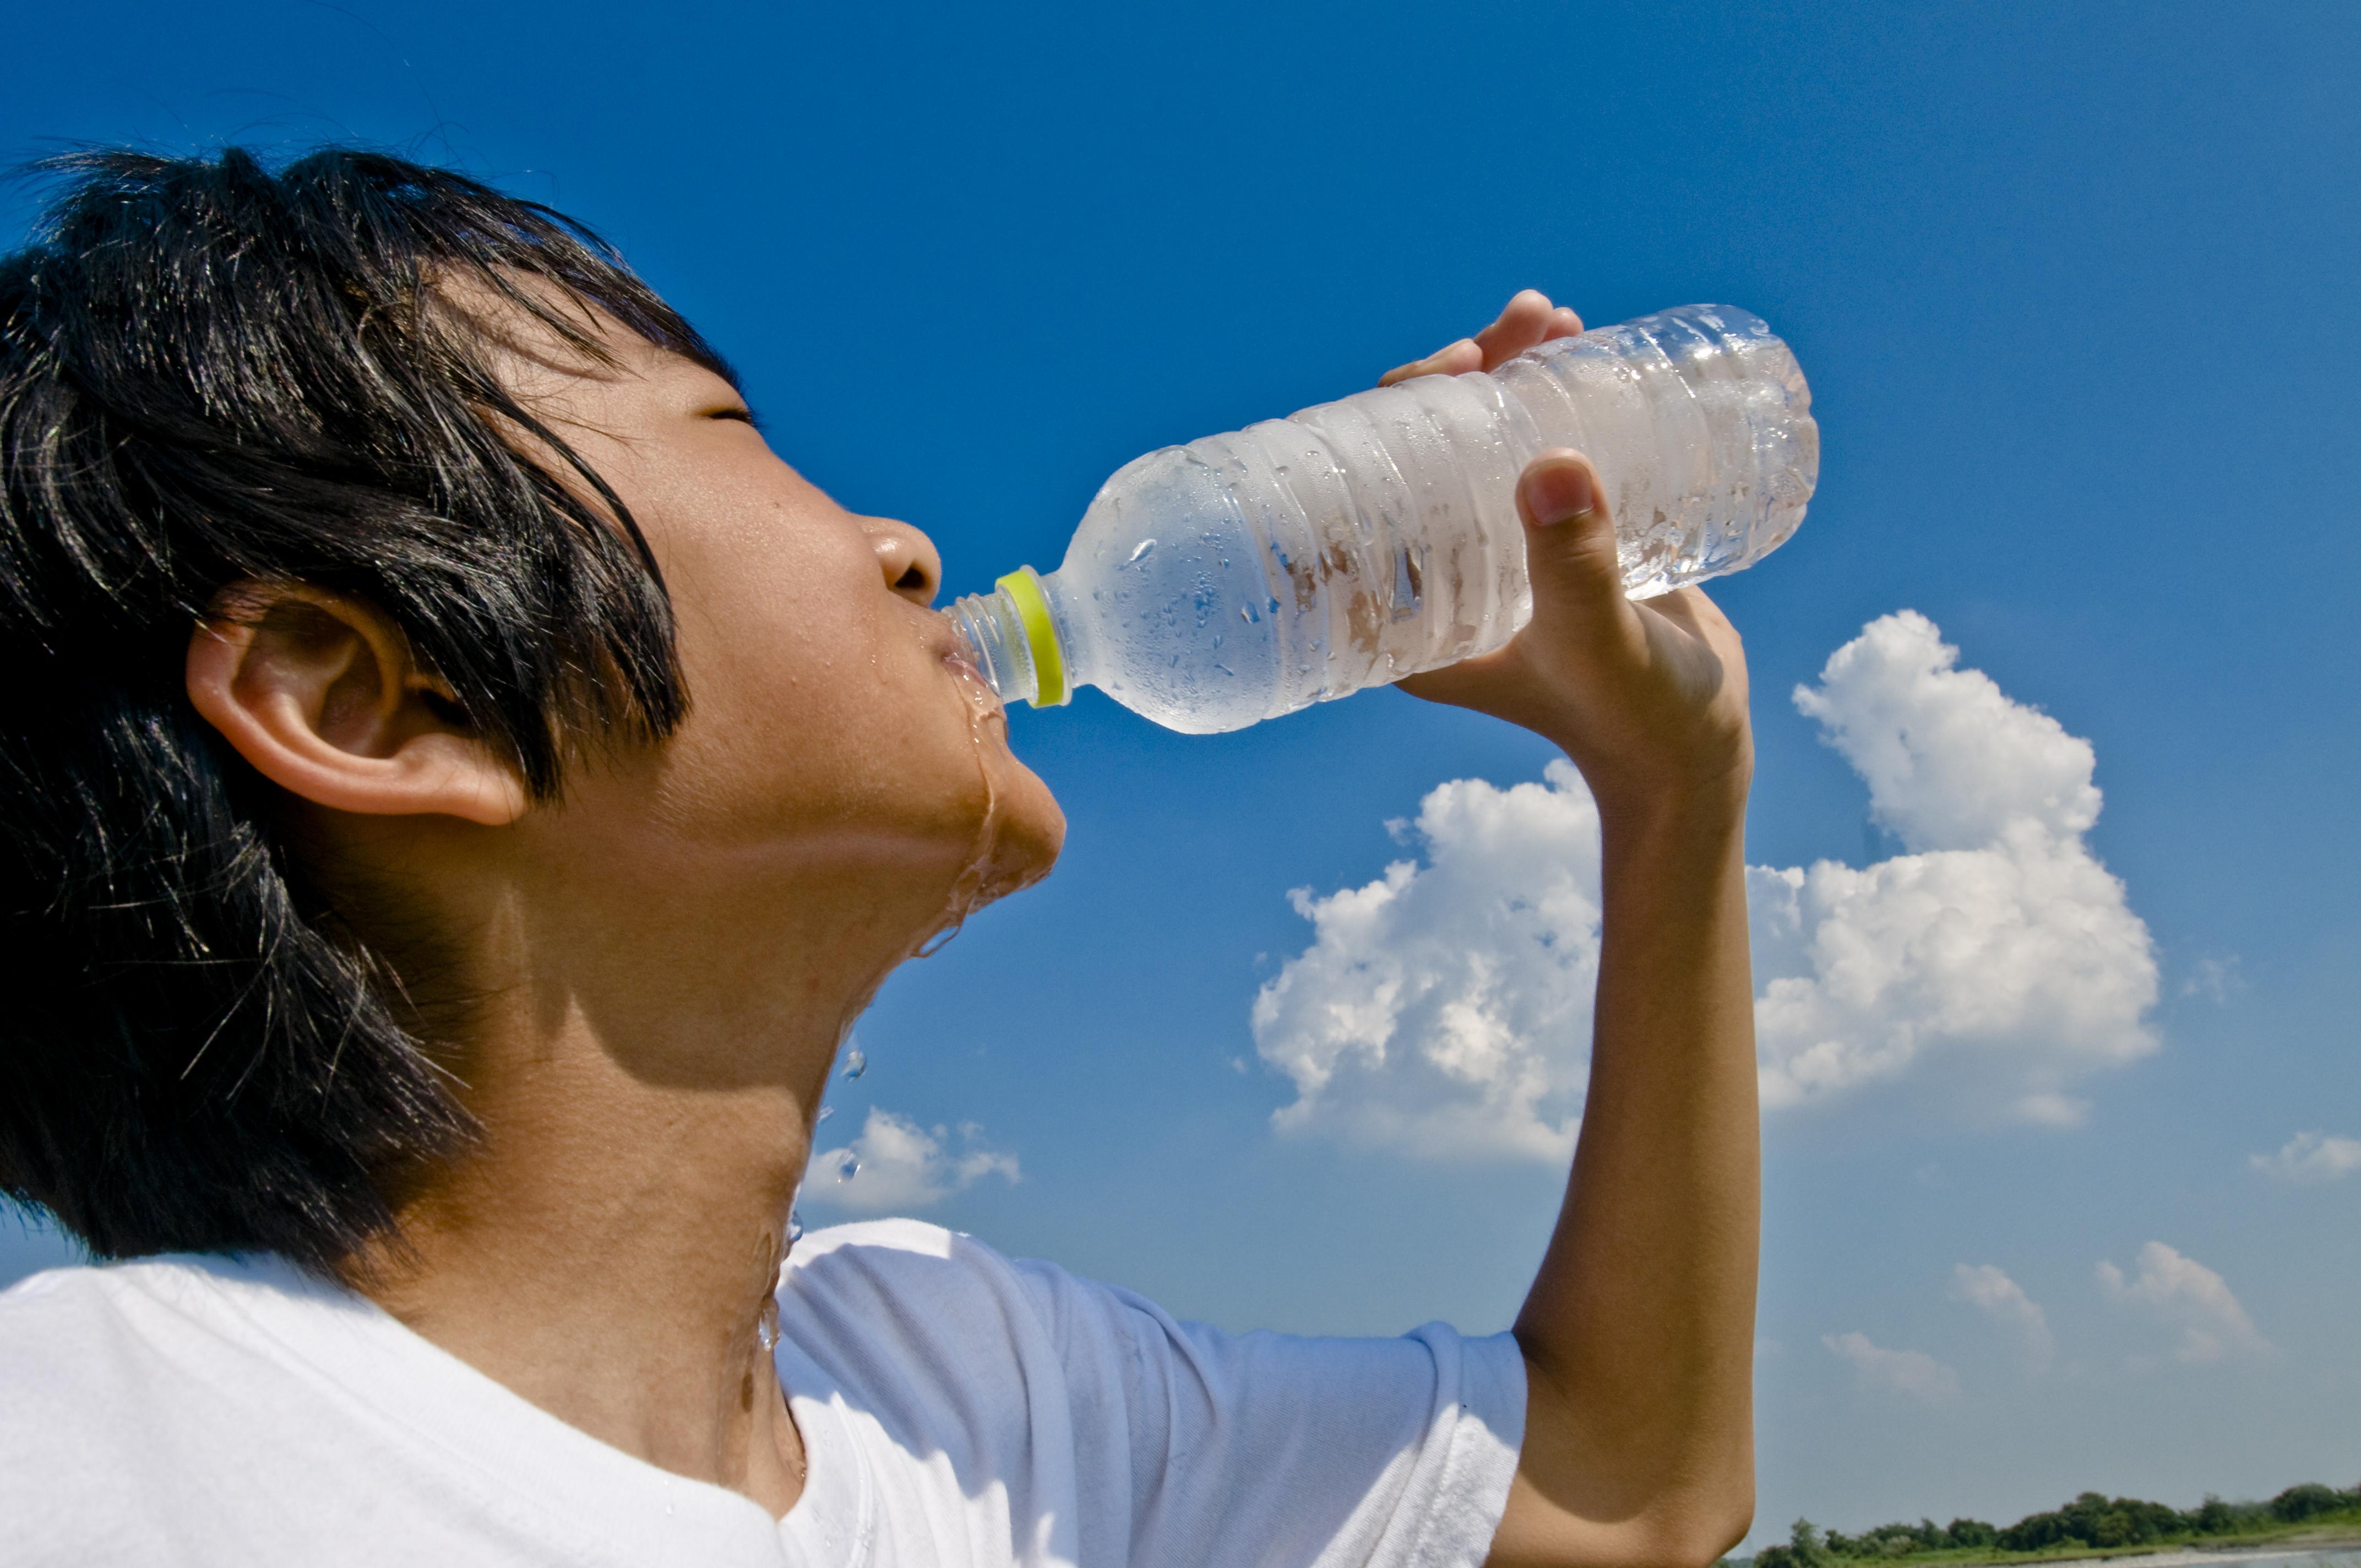 Normalt behöver kroppen cirka 1,5 liter vatten om dagen, så med temperaturer över 30 grader behöver vi givetvis få i oss ännu mer vatten.